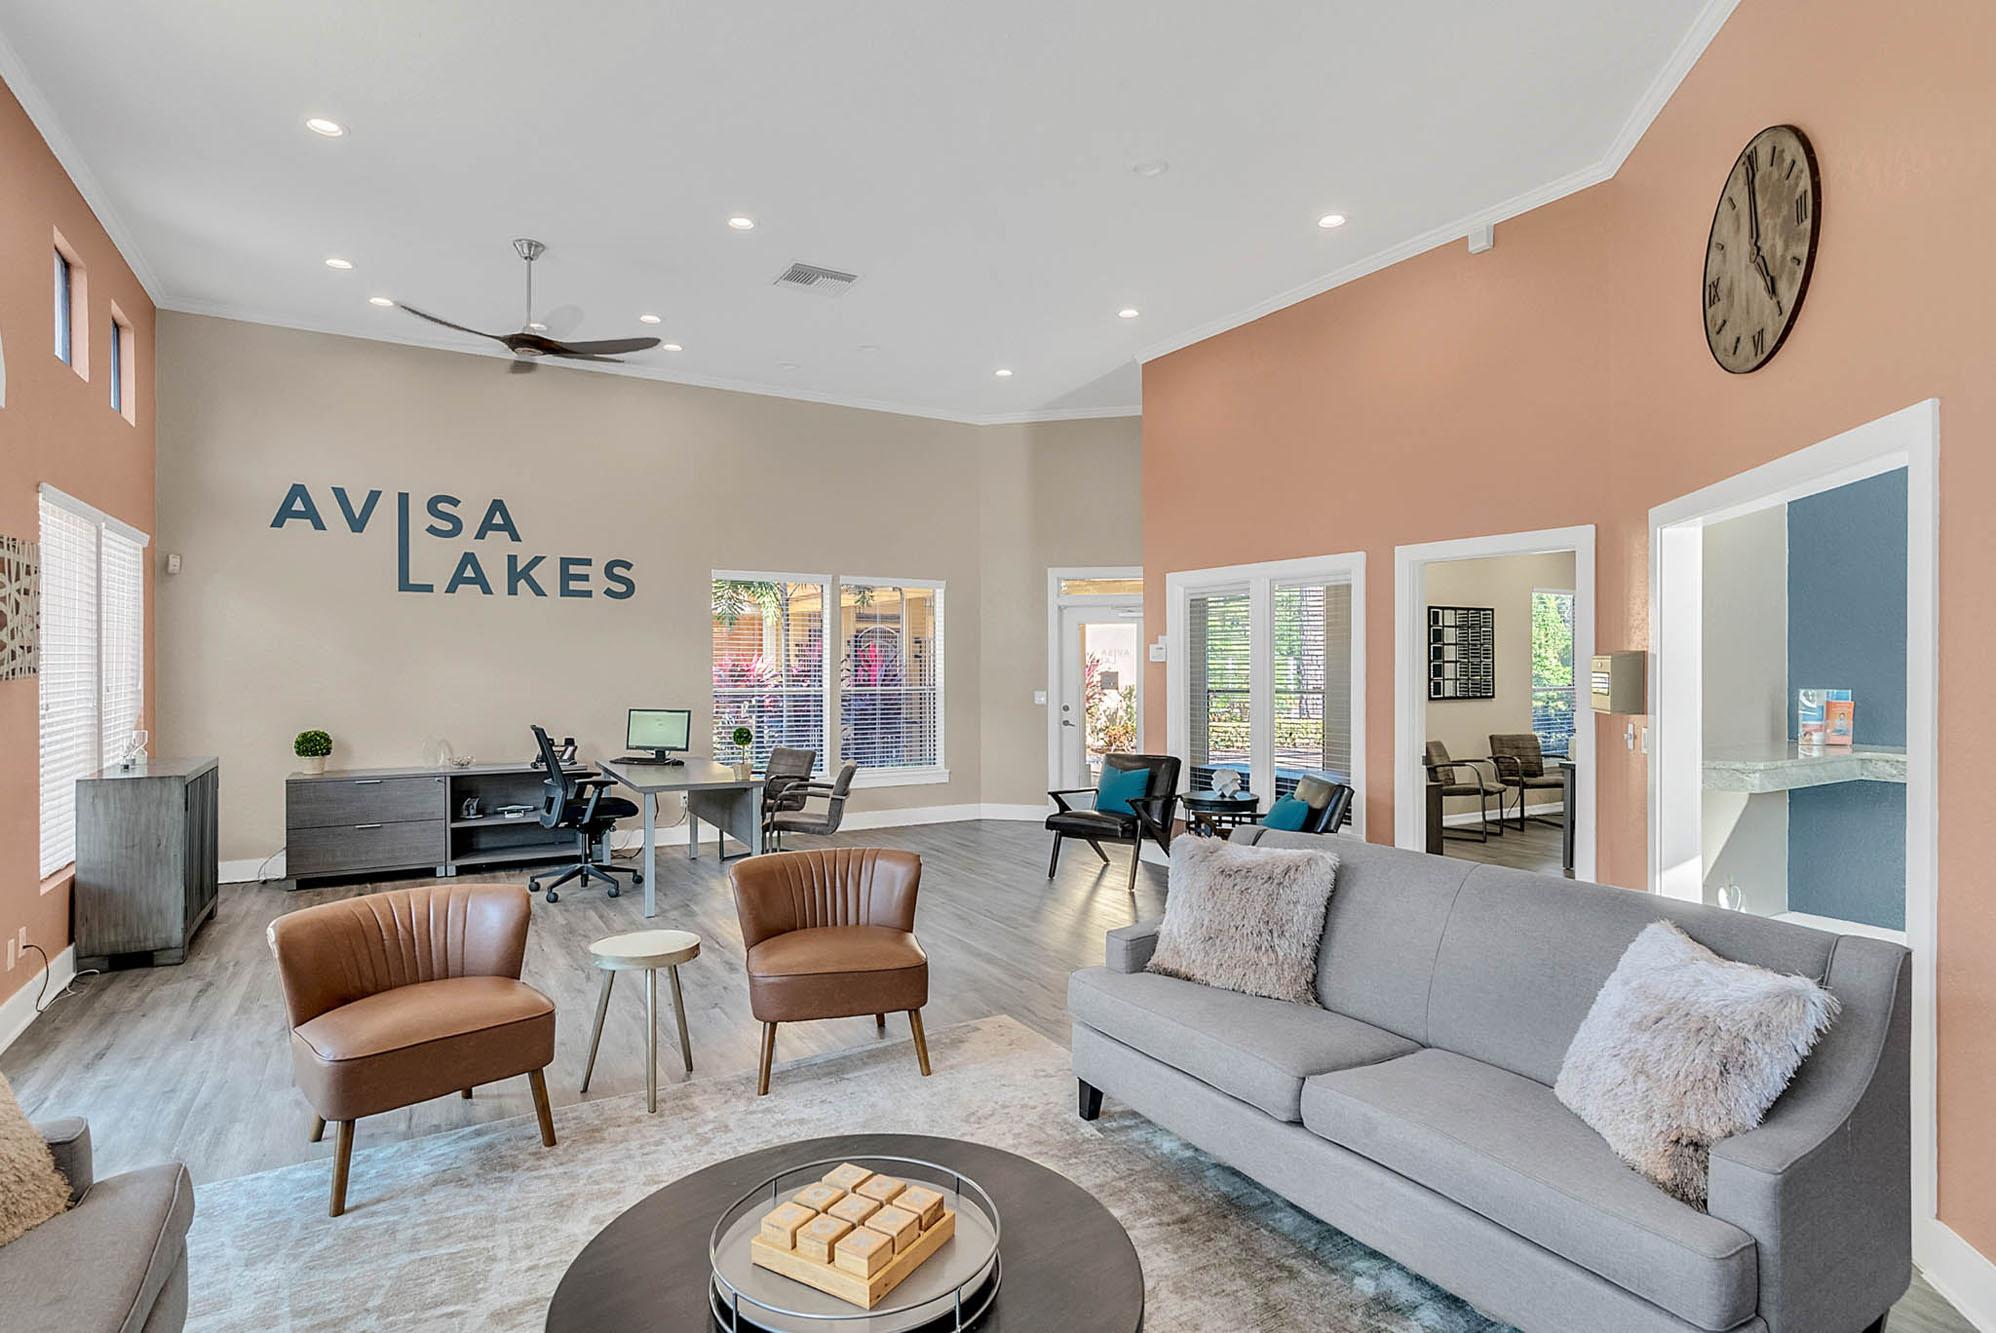 Avisa Lakes